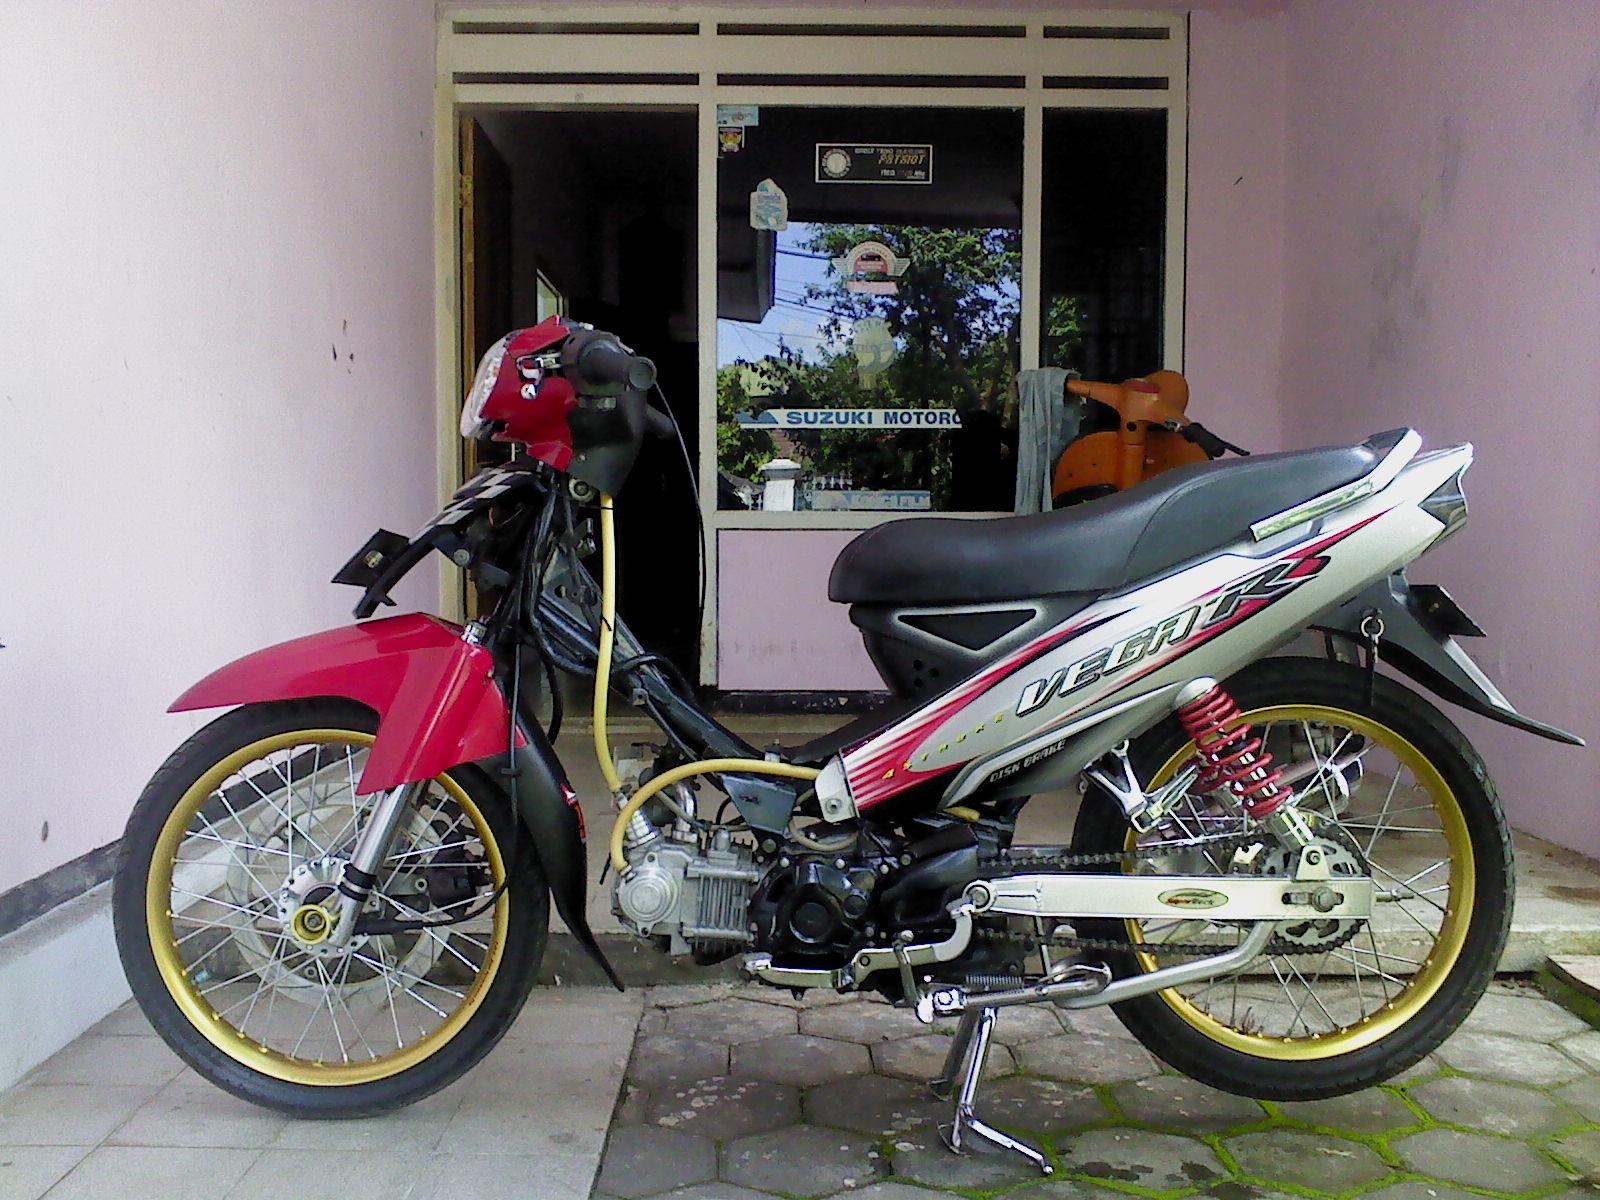 Koleksi Modifikasi Motor Yamaha Vega R 2004 Terbaru